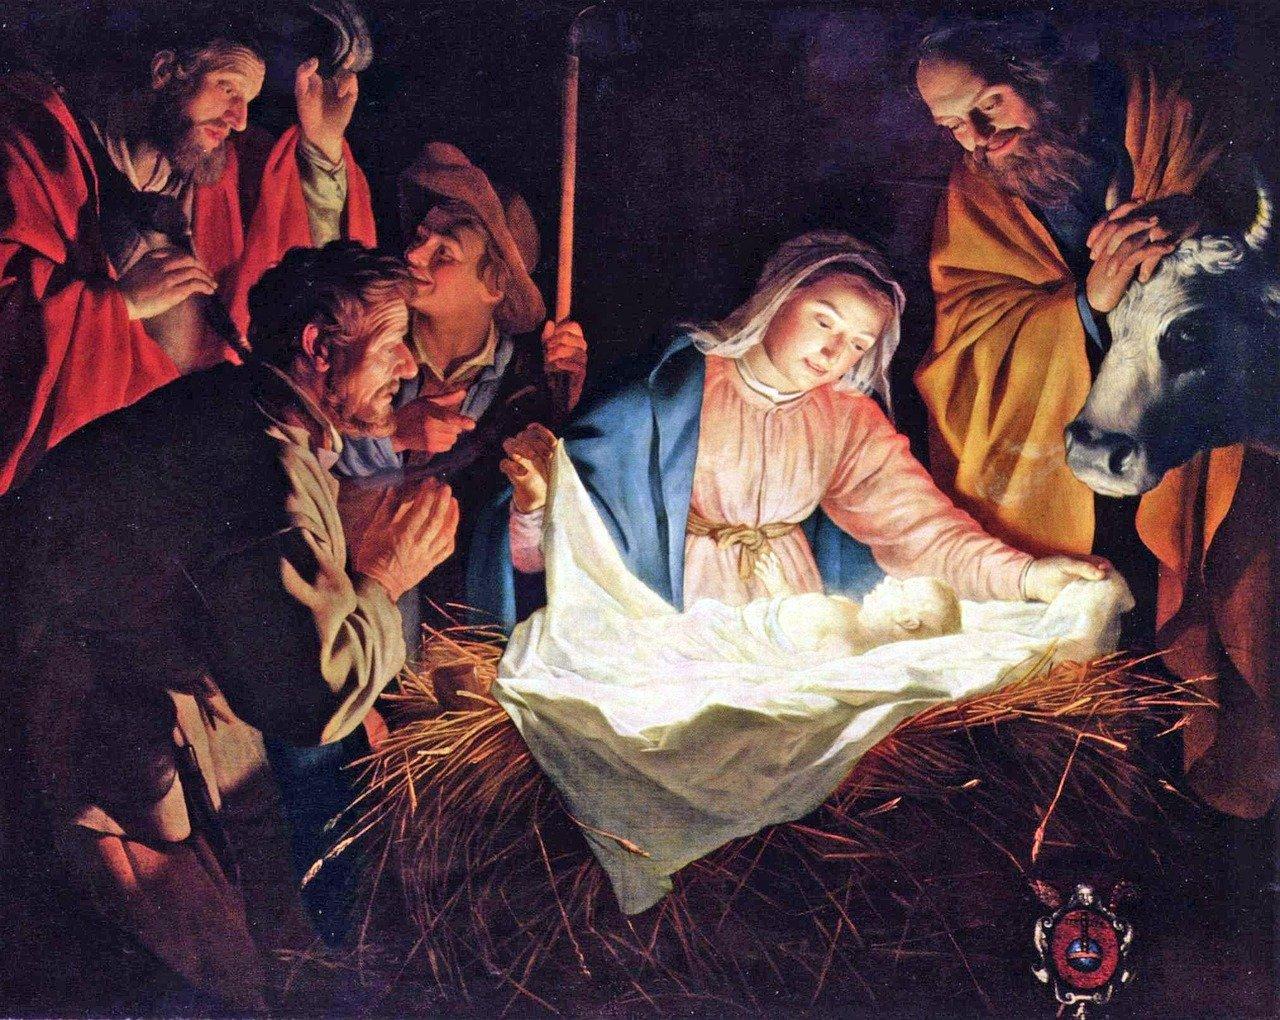 So kommt echte Weihnachtsfreude auf